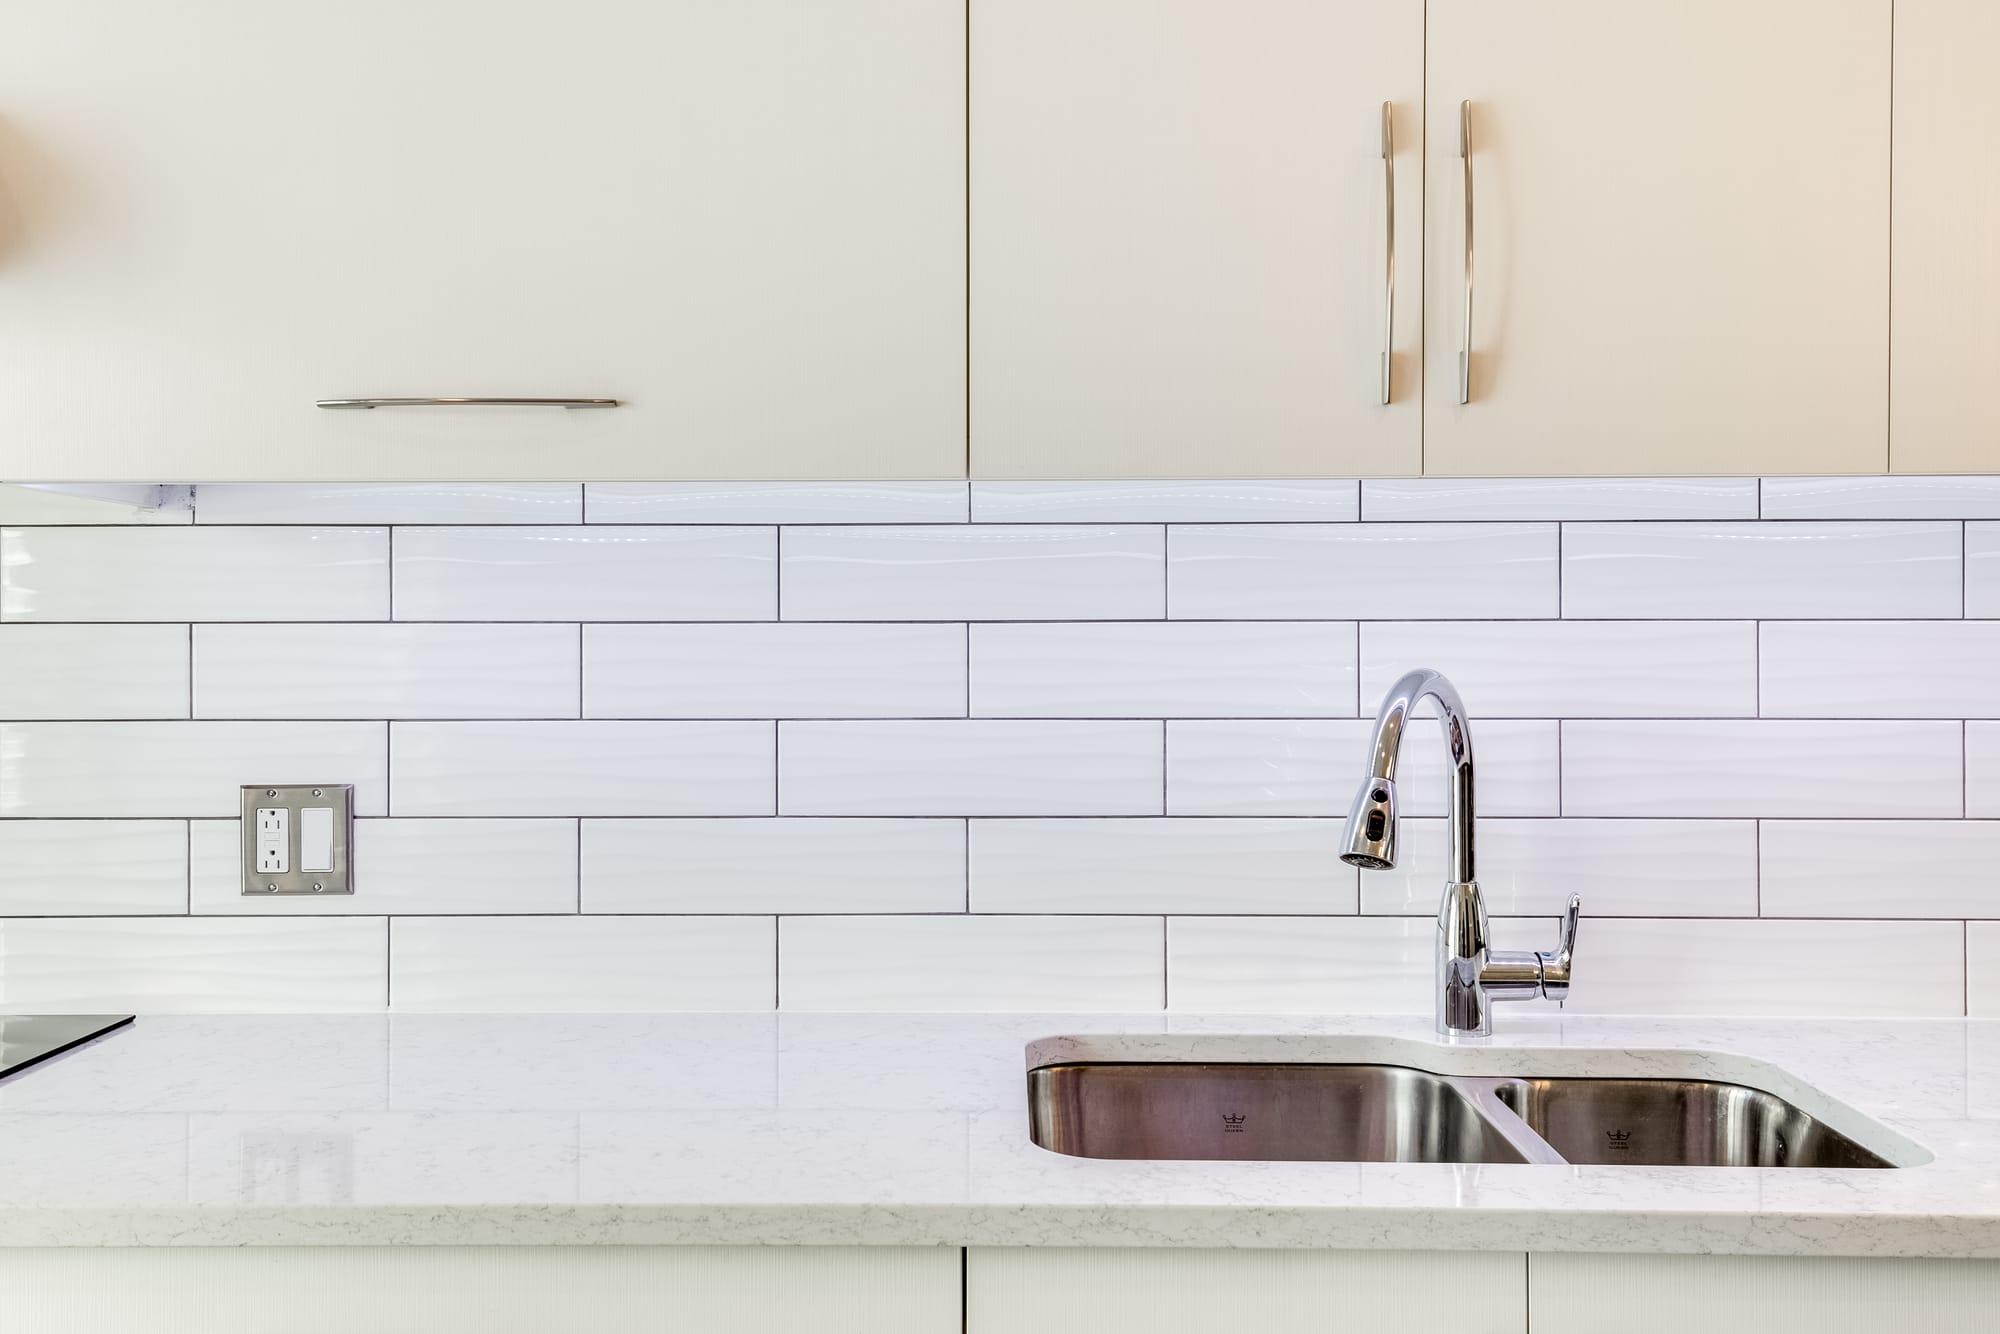 dosseret de cuisine en céramique blance avec lavabo et robinet en stainless